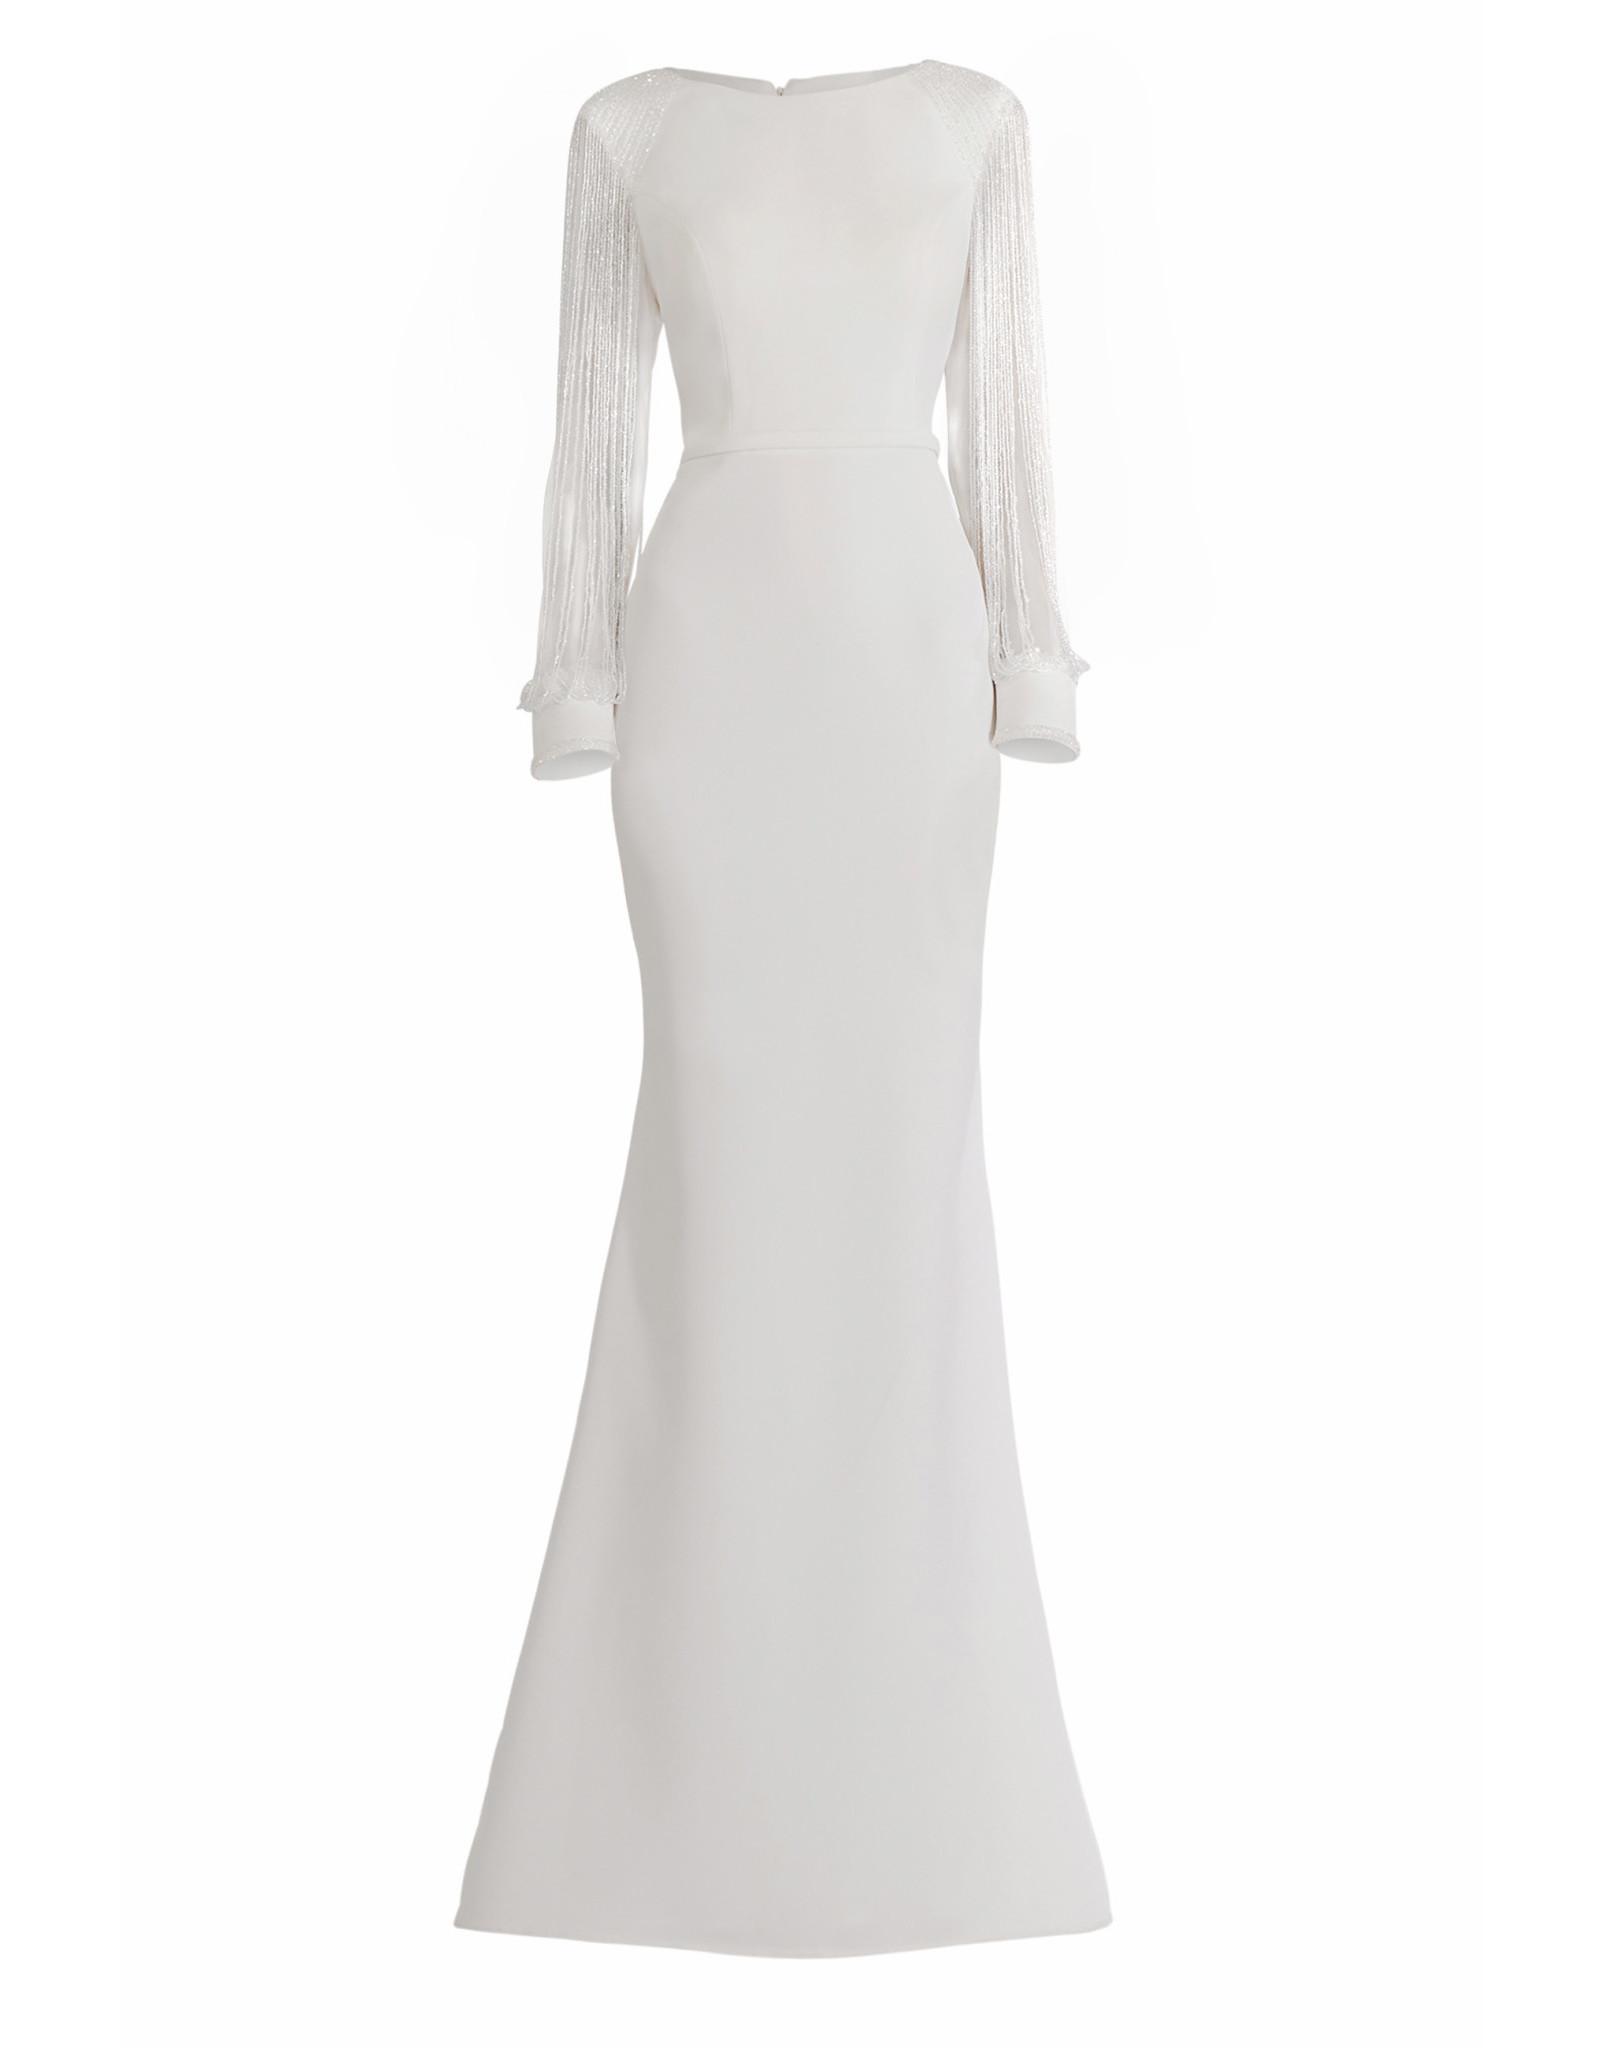 Janique BSH-001 Janique Dresses